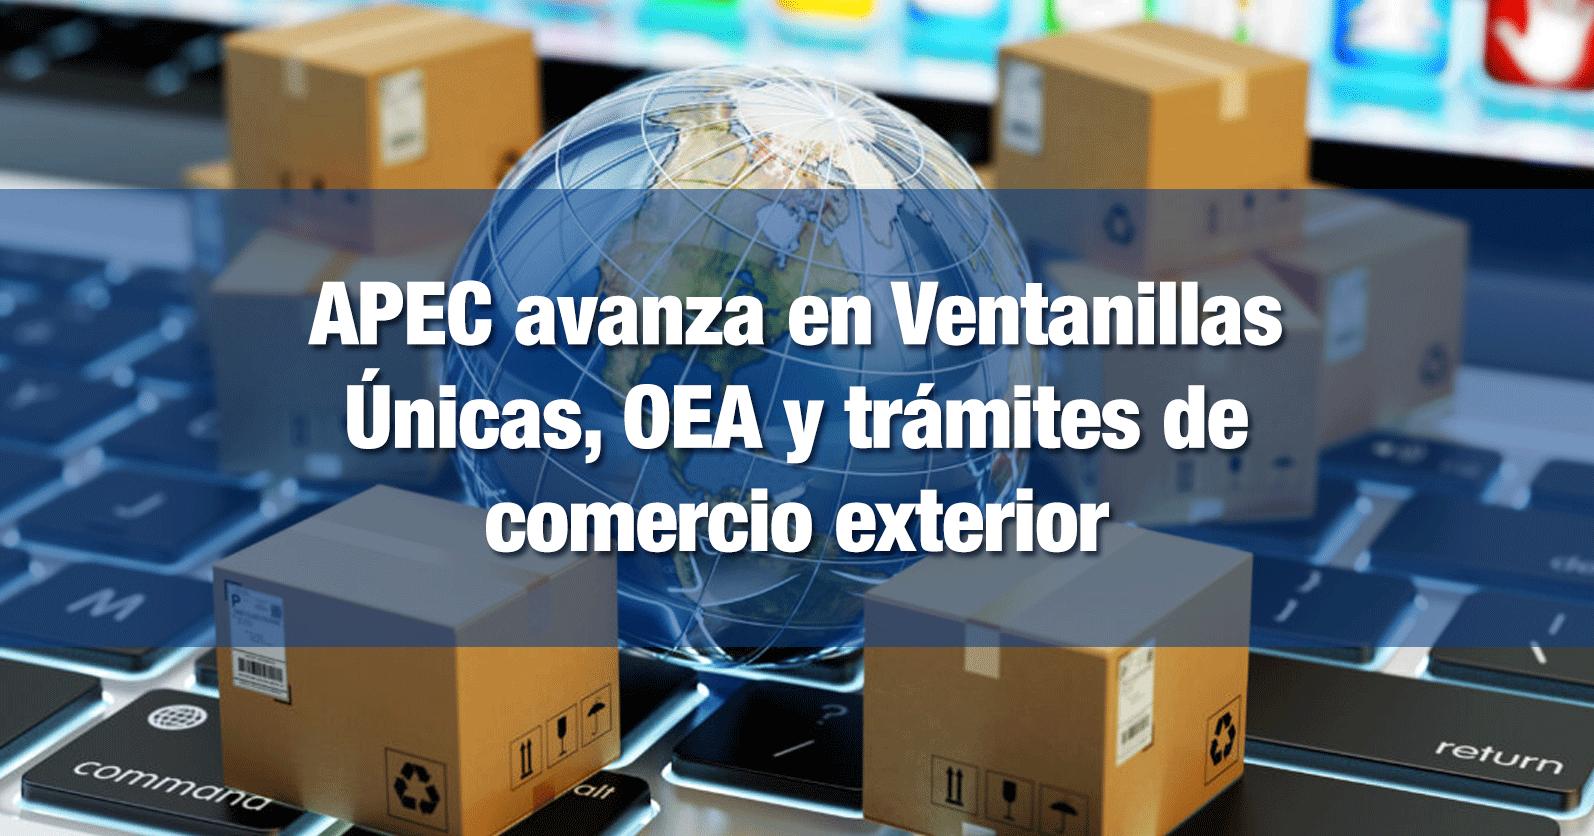 APEC avanza en Ventanillas Únicas, OEA y trámites de comercio exterior